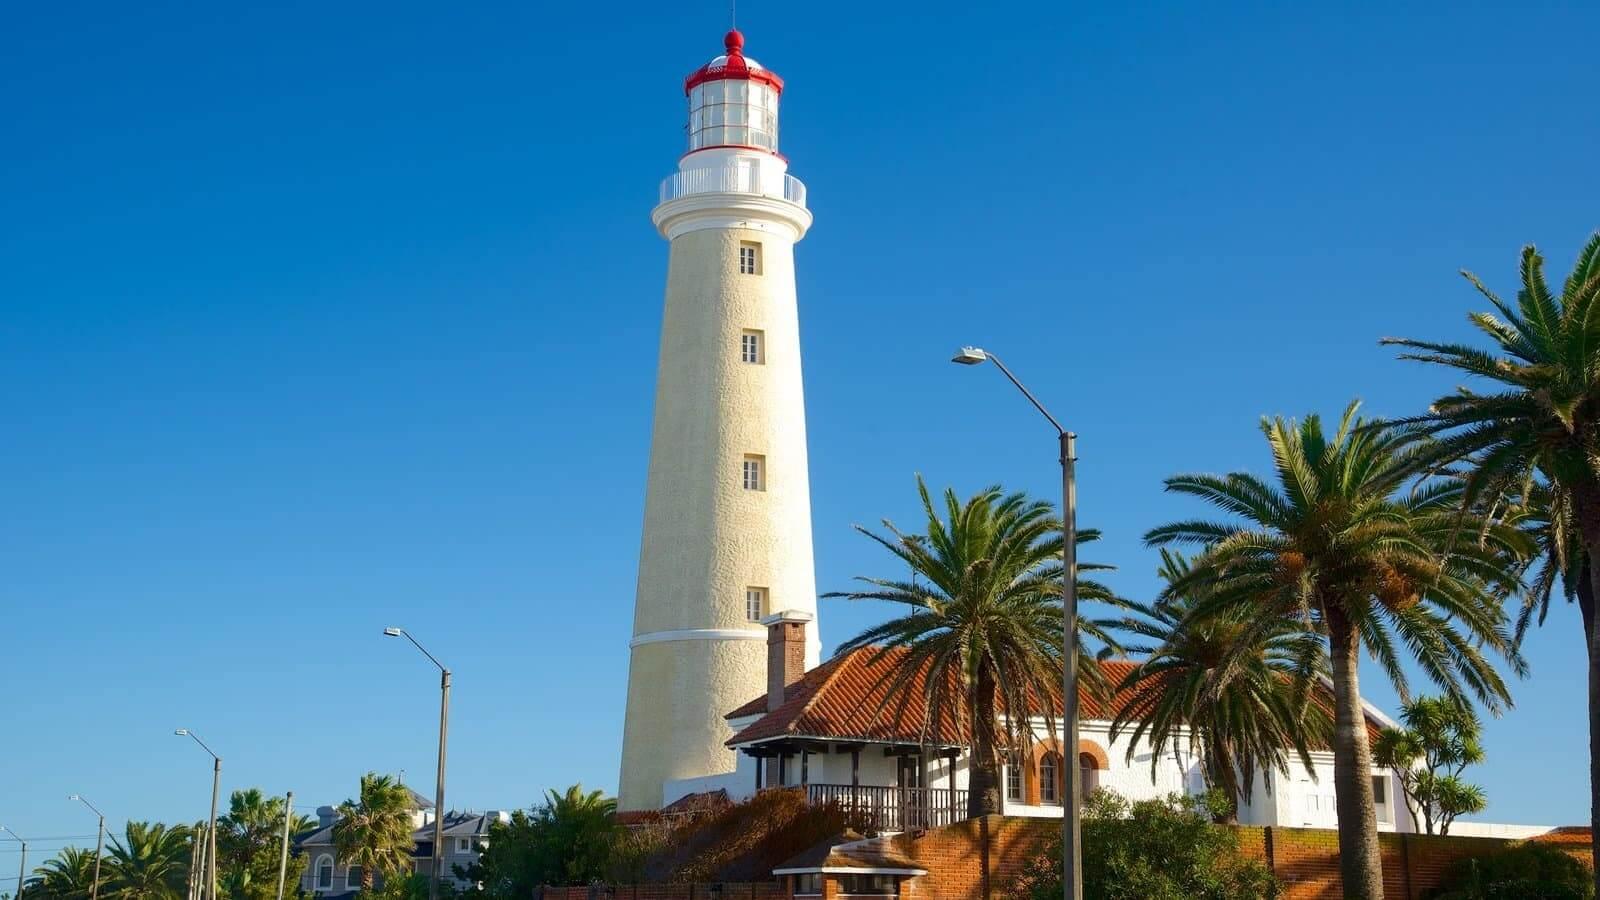 Roteiro de 6 dias no Uruguai: Farol de Punta del Este